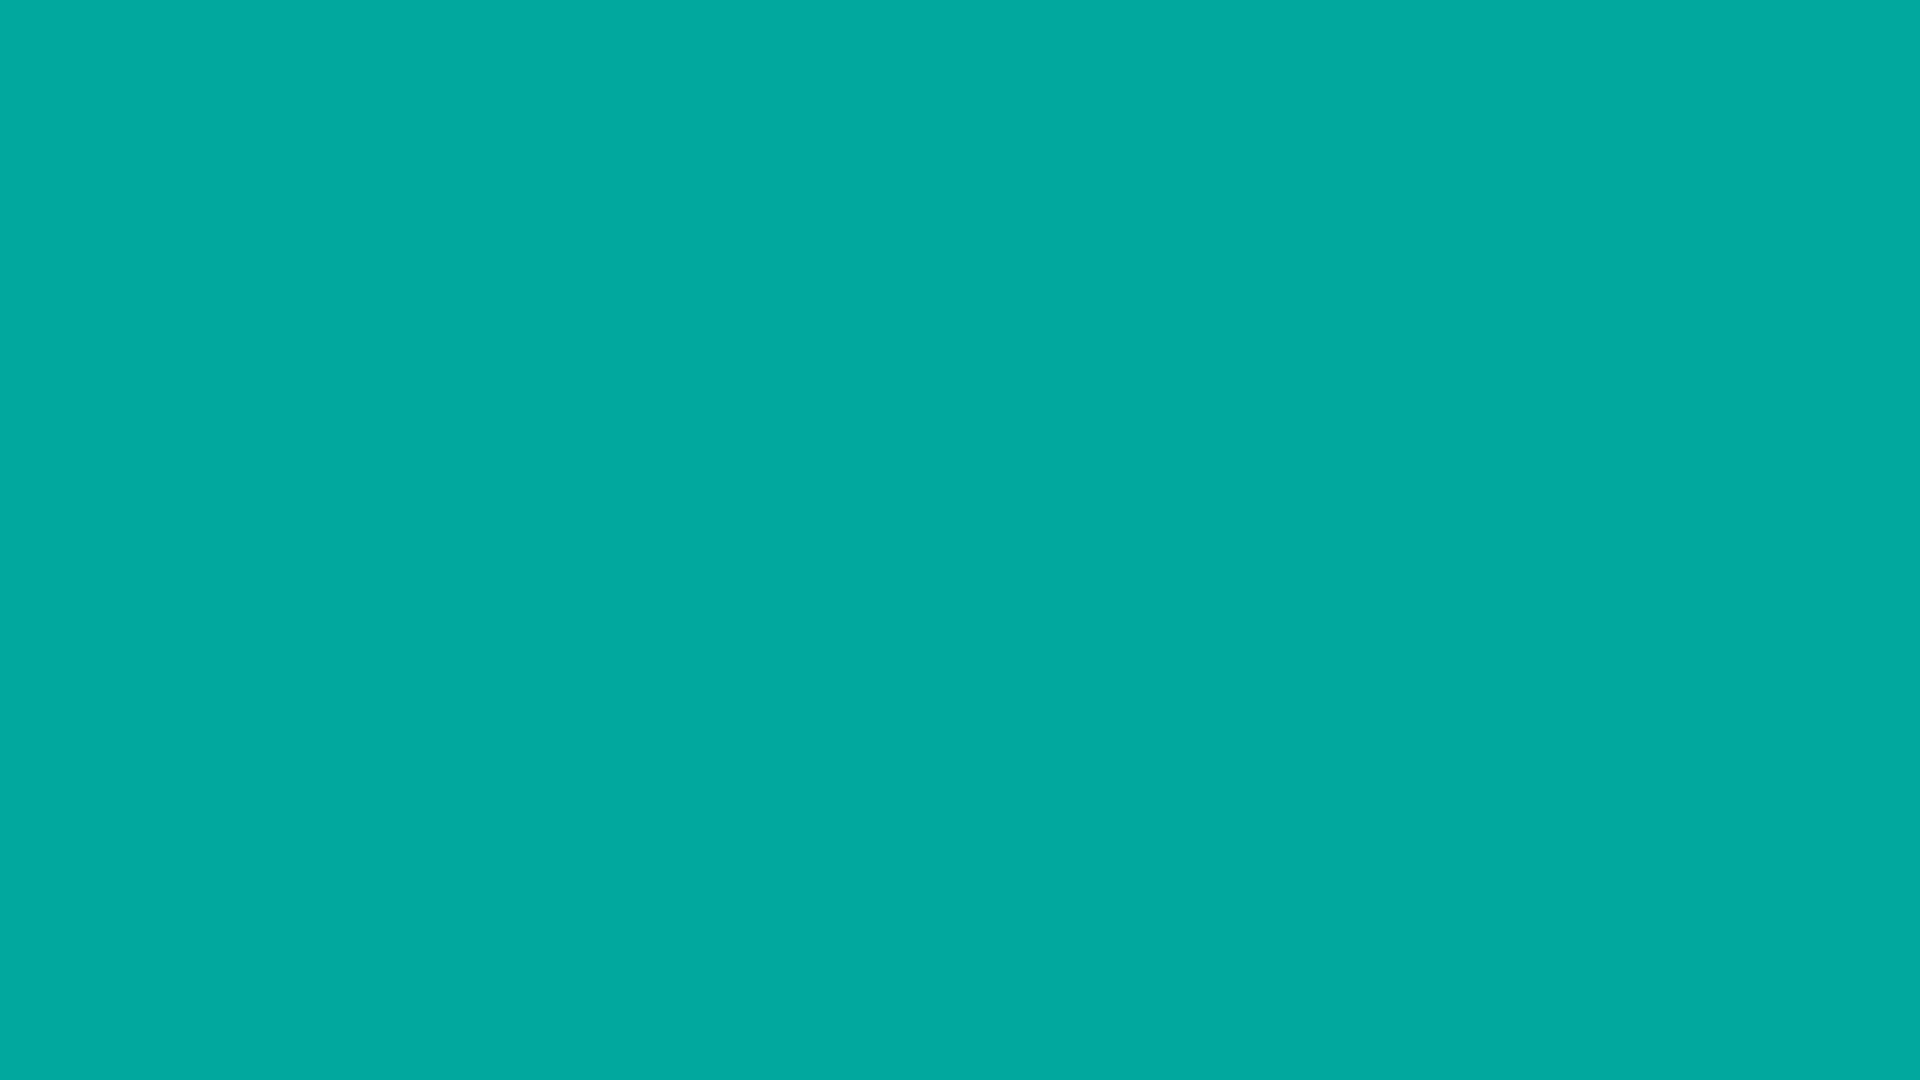 Kasuja Basis - Een eenvoudig bewegende cut-out animatie in een visuele stijl van ons, gehuld in de kleuren van uw bedrijf.